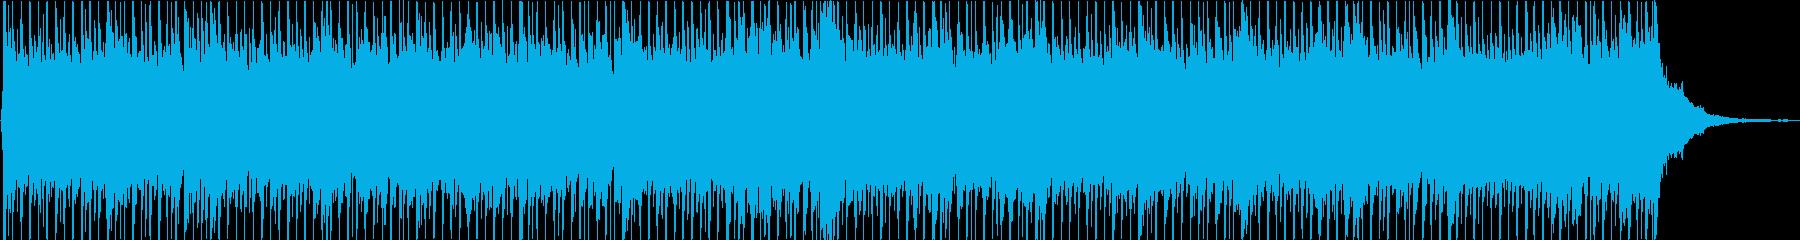 企業VP 爽やかな青空が広がる音楽Eの再生済みの波形